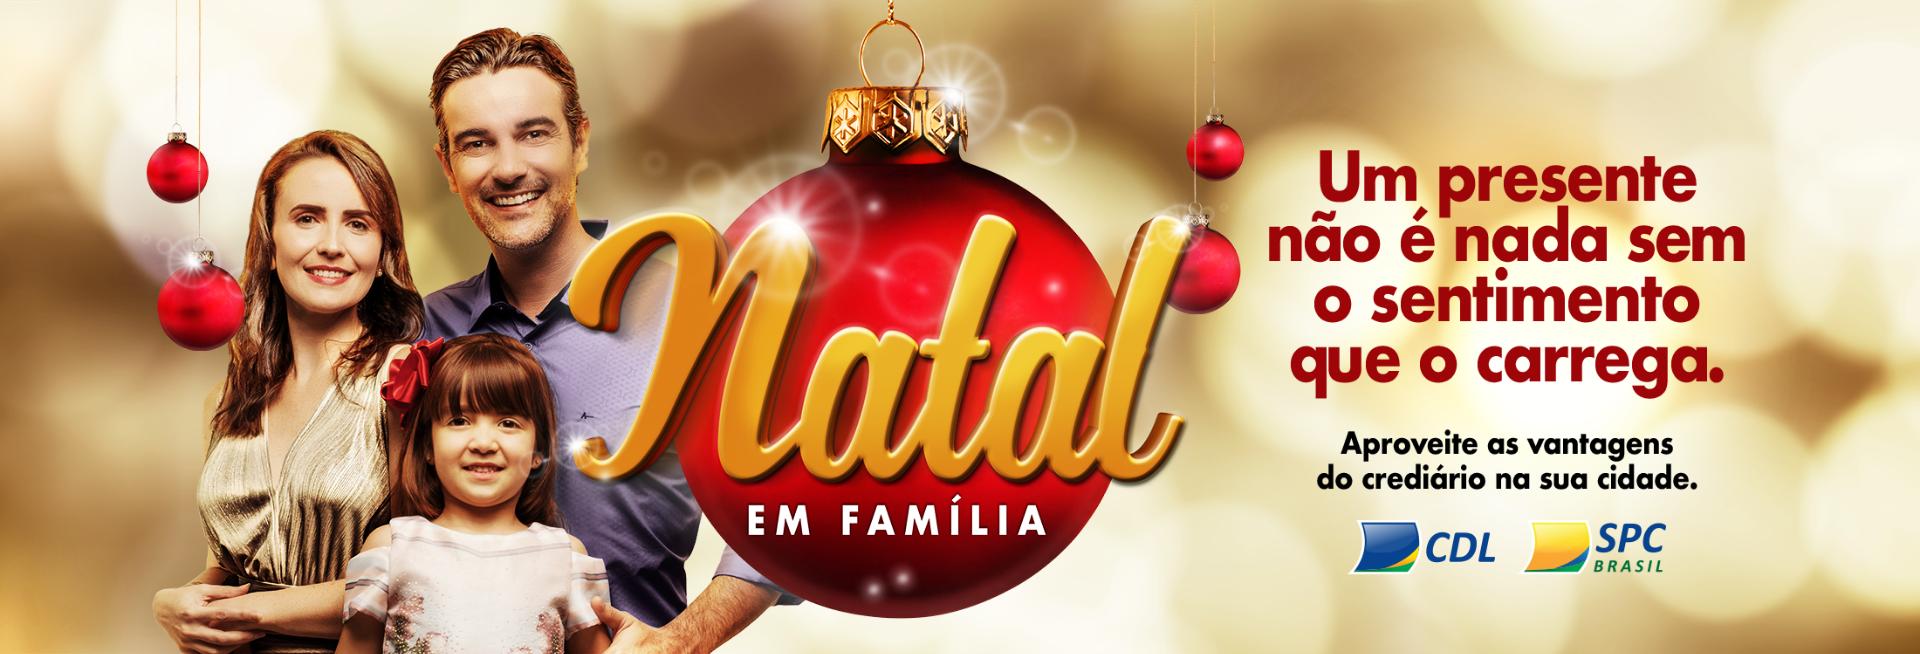 FCDL lança campanha para reforçar importância das vendas de Natal